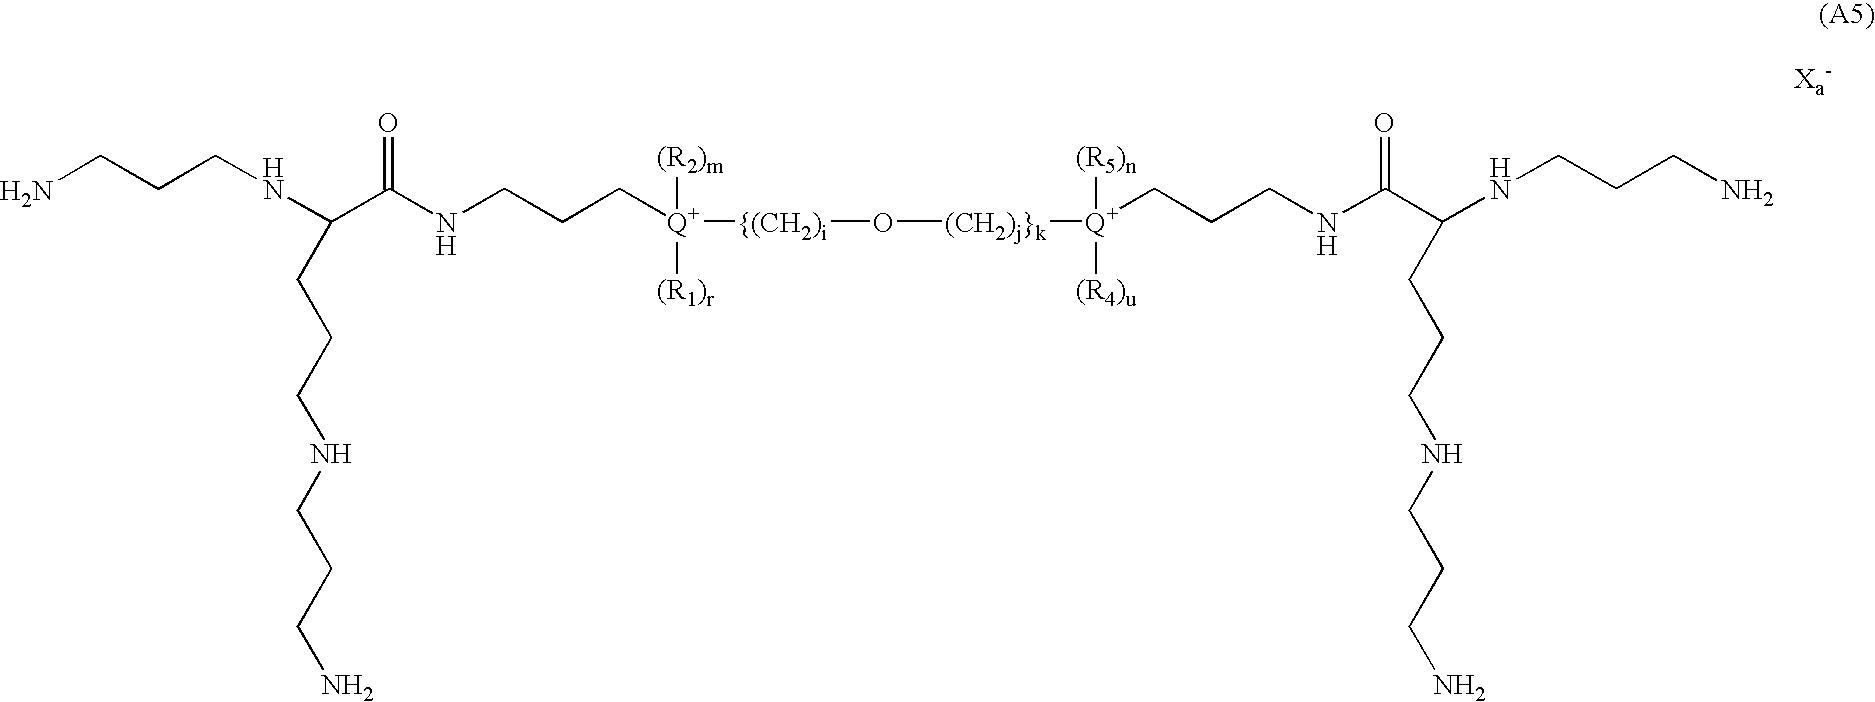 Figure US07601872-20091013-C00019